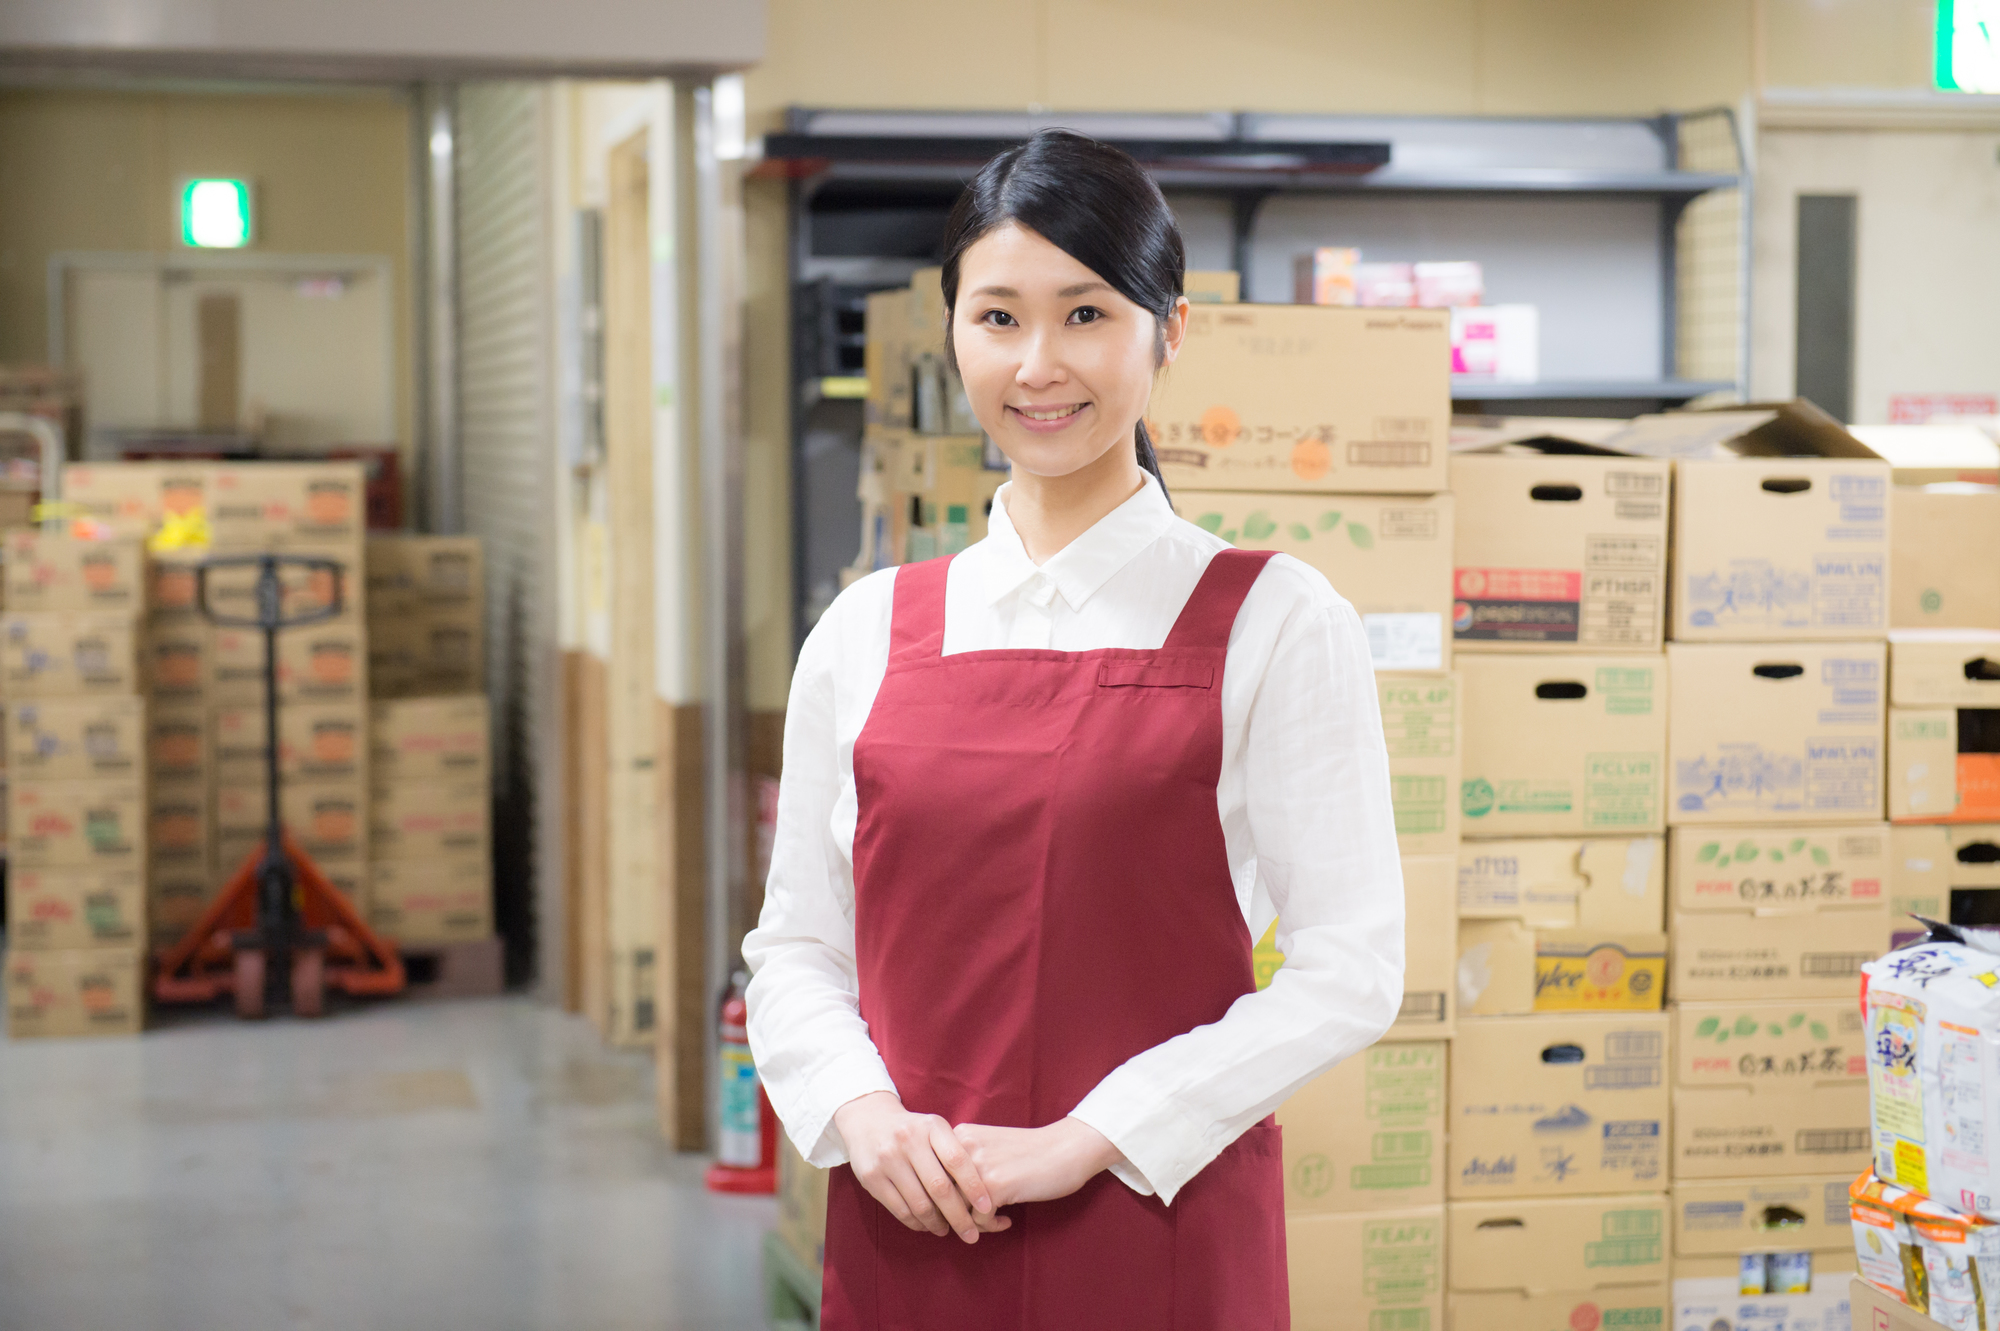 スーパーマーケットでダンボールに入った商品の前で微笑む店員の女性